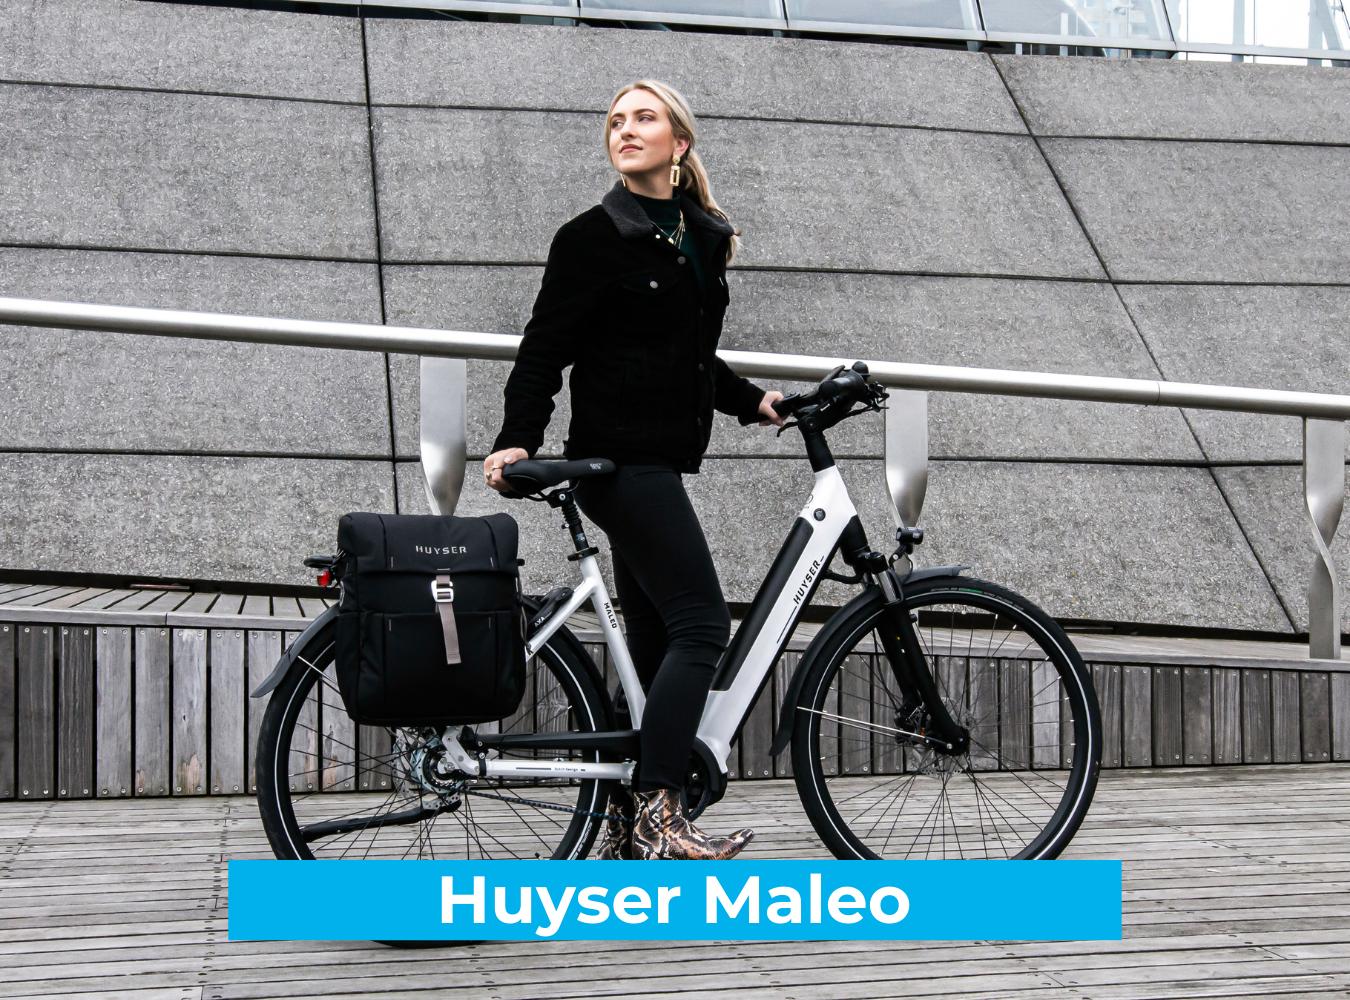 Koop de Huyser Maleo online bij Fietsuniek.nl en profiteer van een gratis EPIC service-upgrade met complete fietsservice door fietsenmakers aan huis.